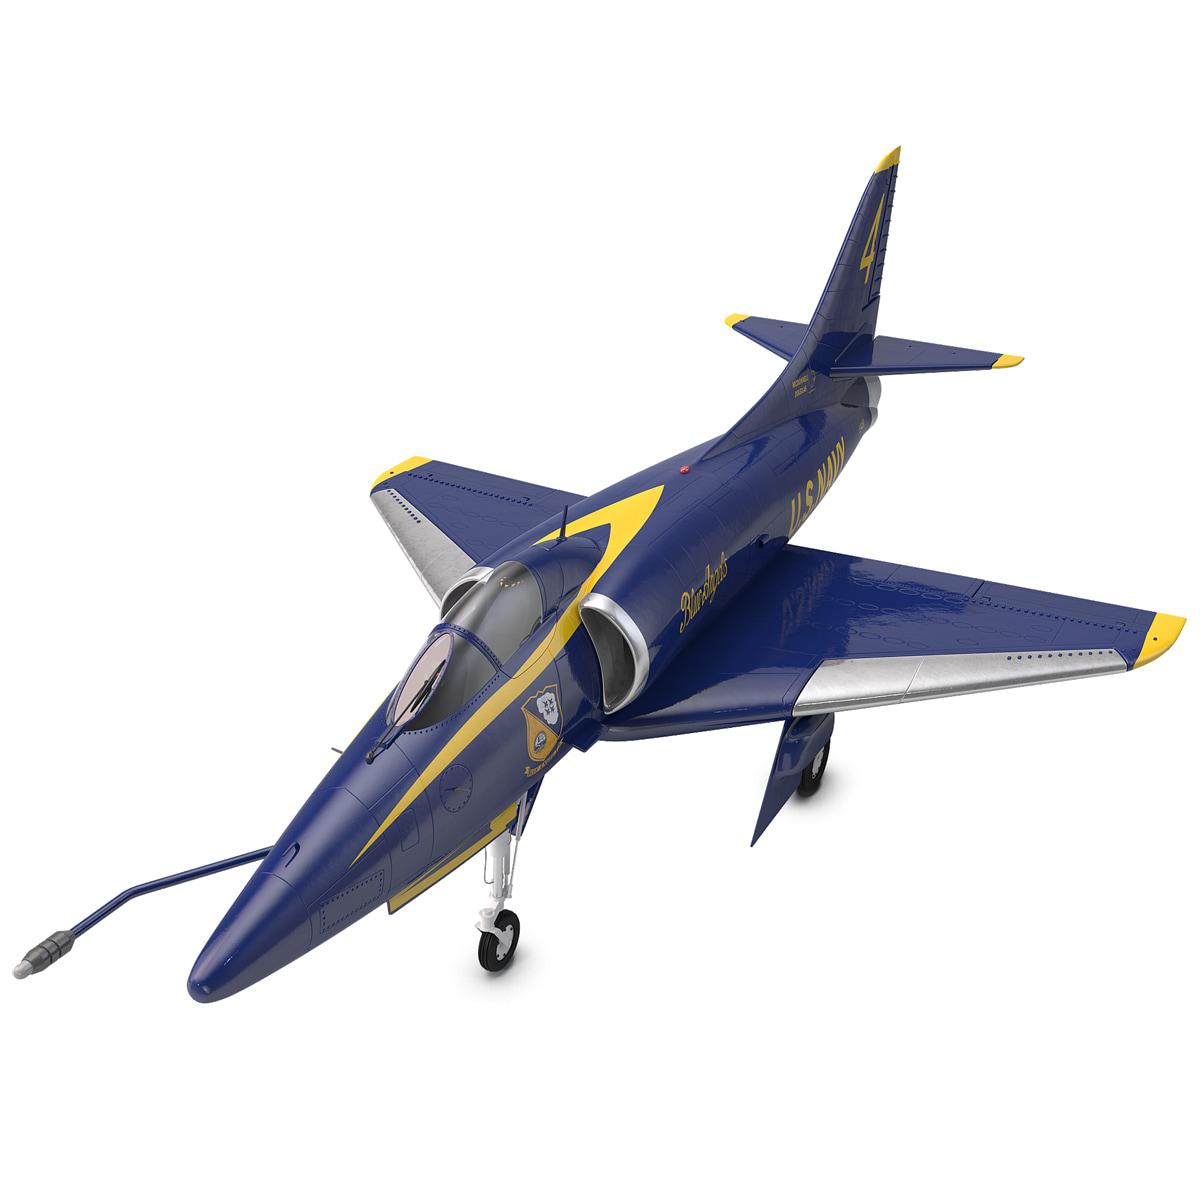 Attack Aircraft A-4 Skyhawk Blue Angel